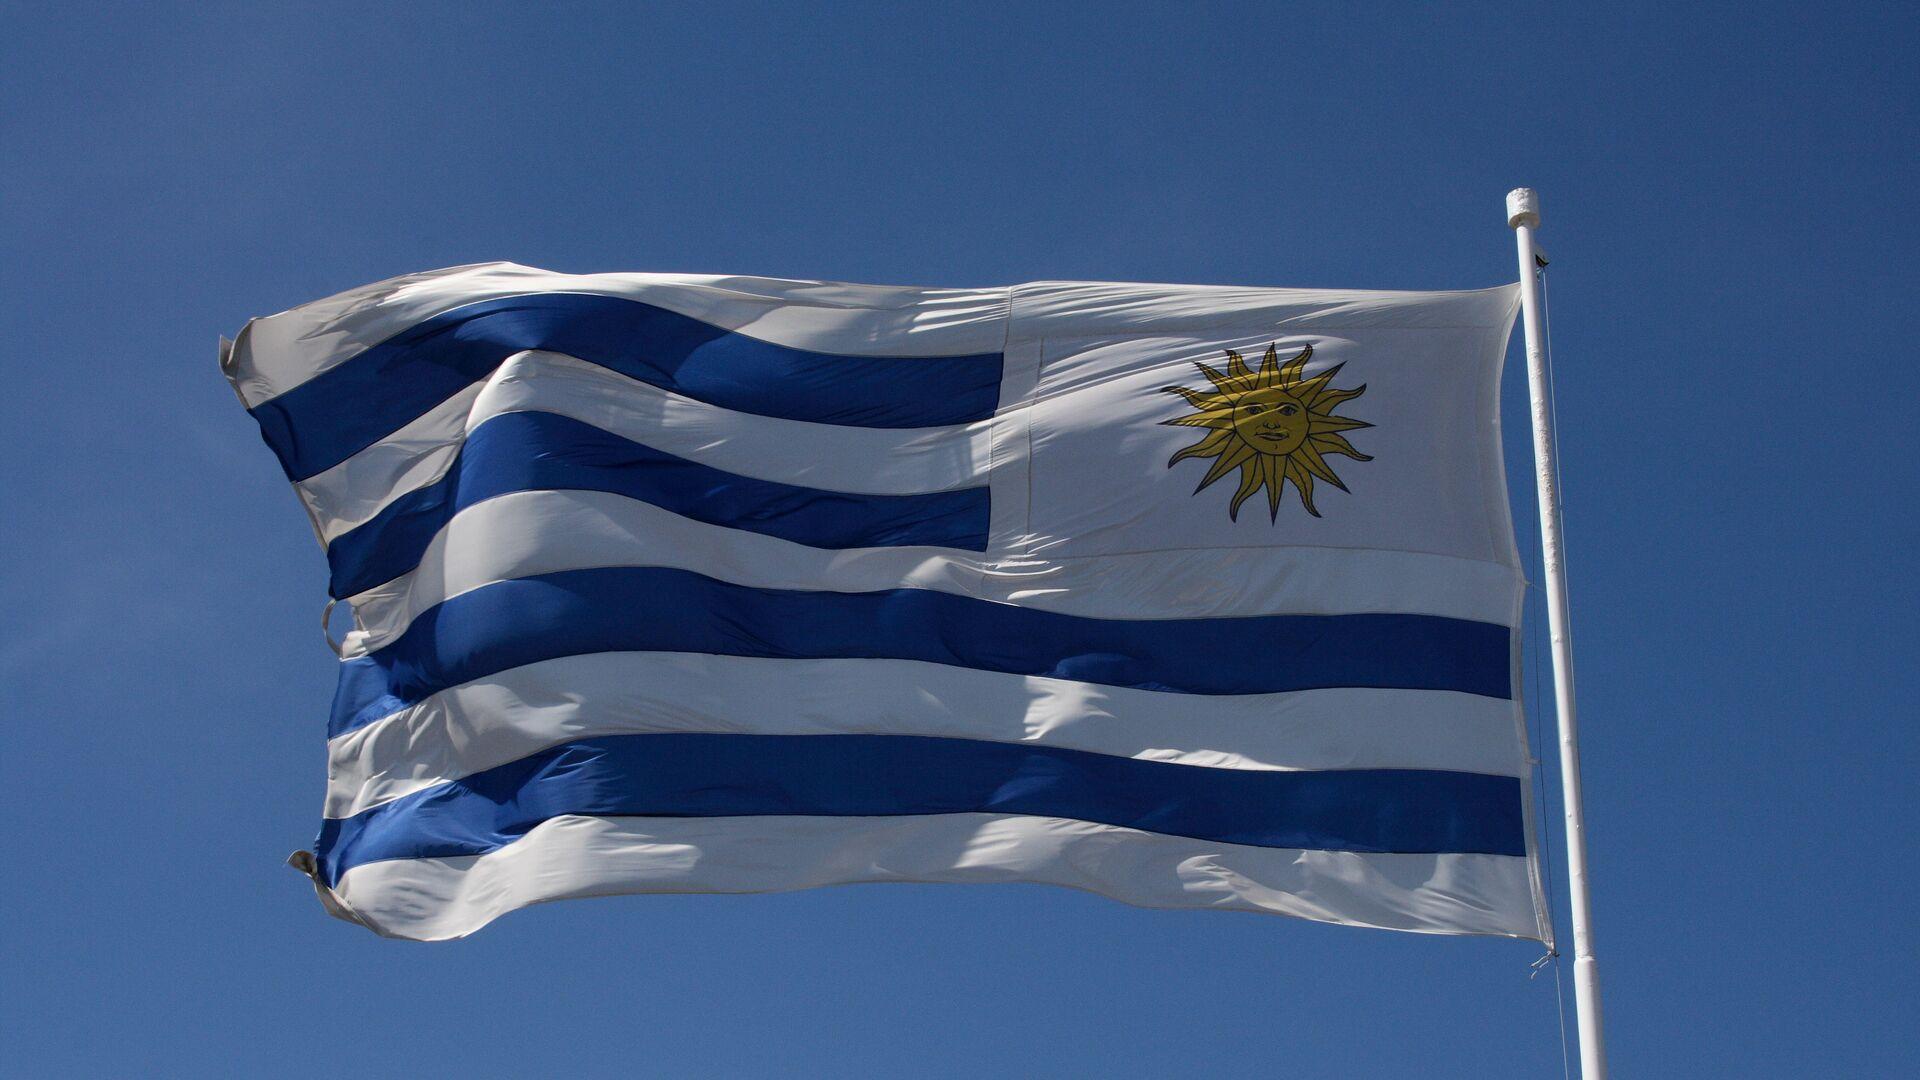 La bandera de Uruguay - Sputnik Mundo, 1920, 02.09.2021